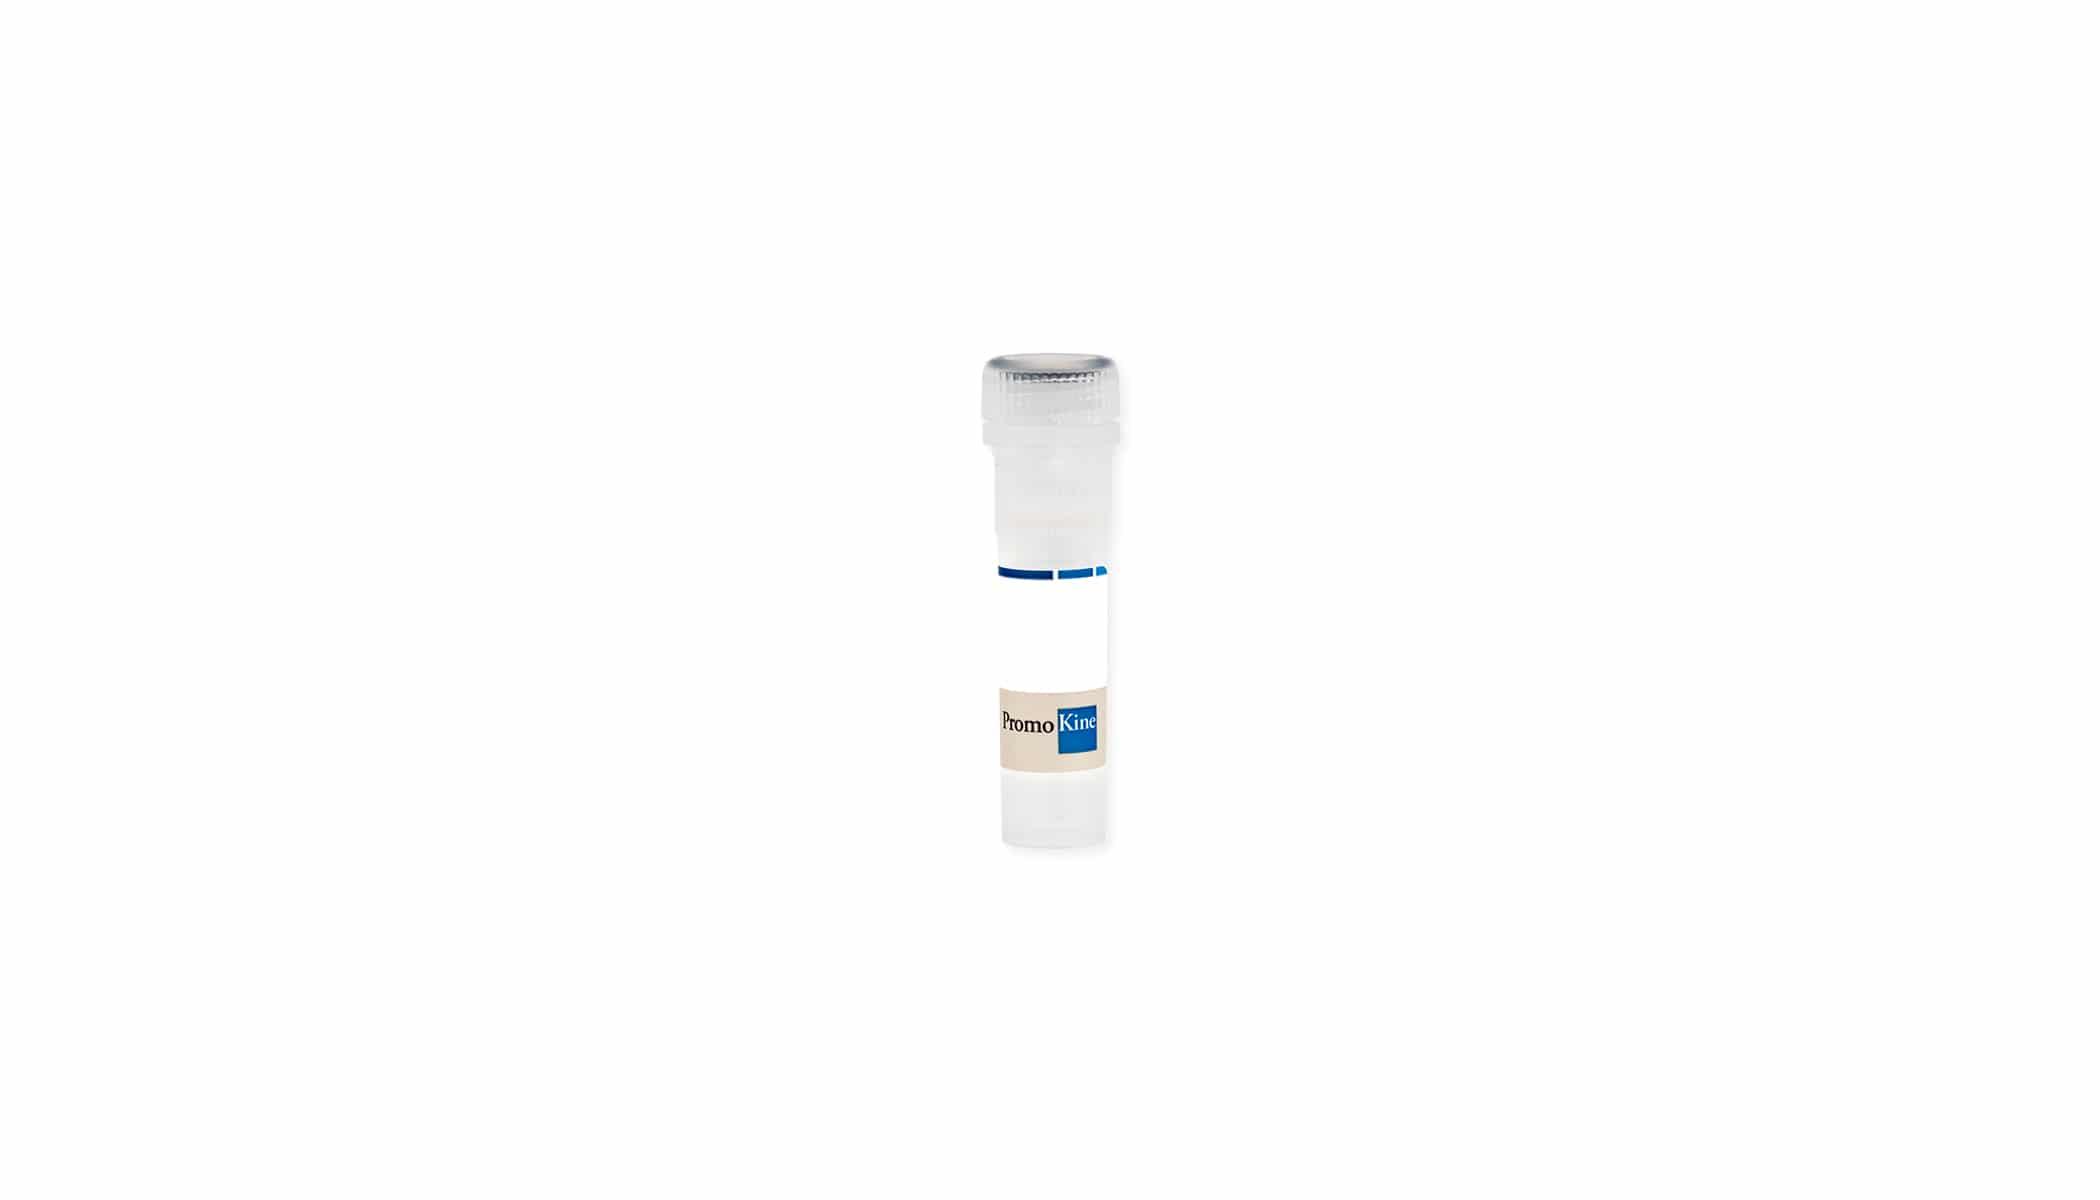 2-Methyl-5-hydroxytryptamine hydrochloride